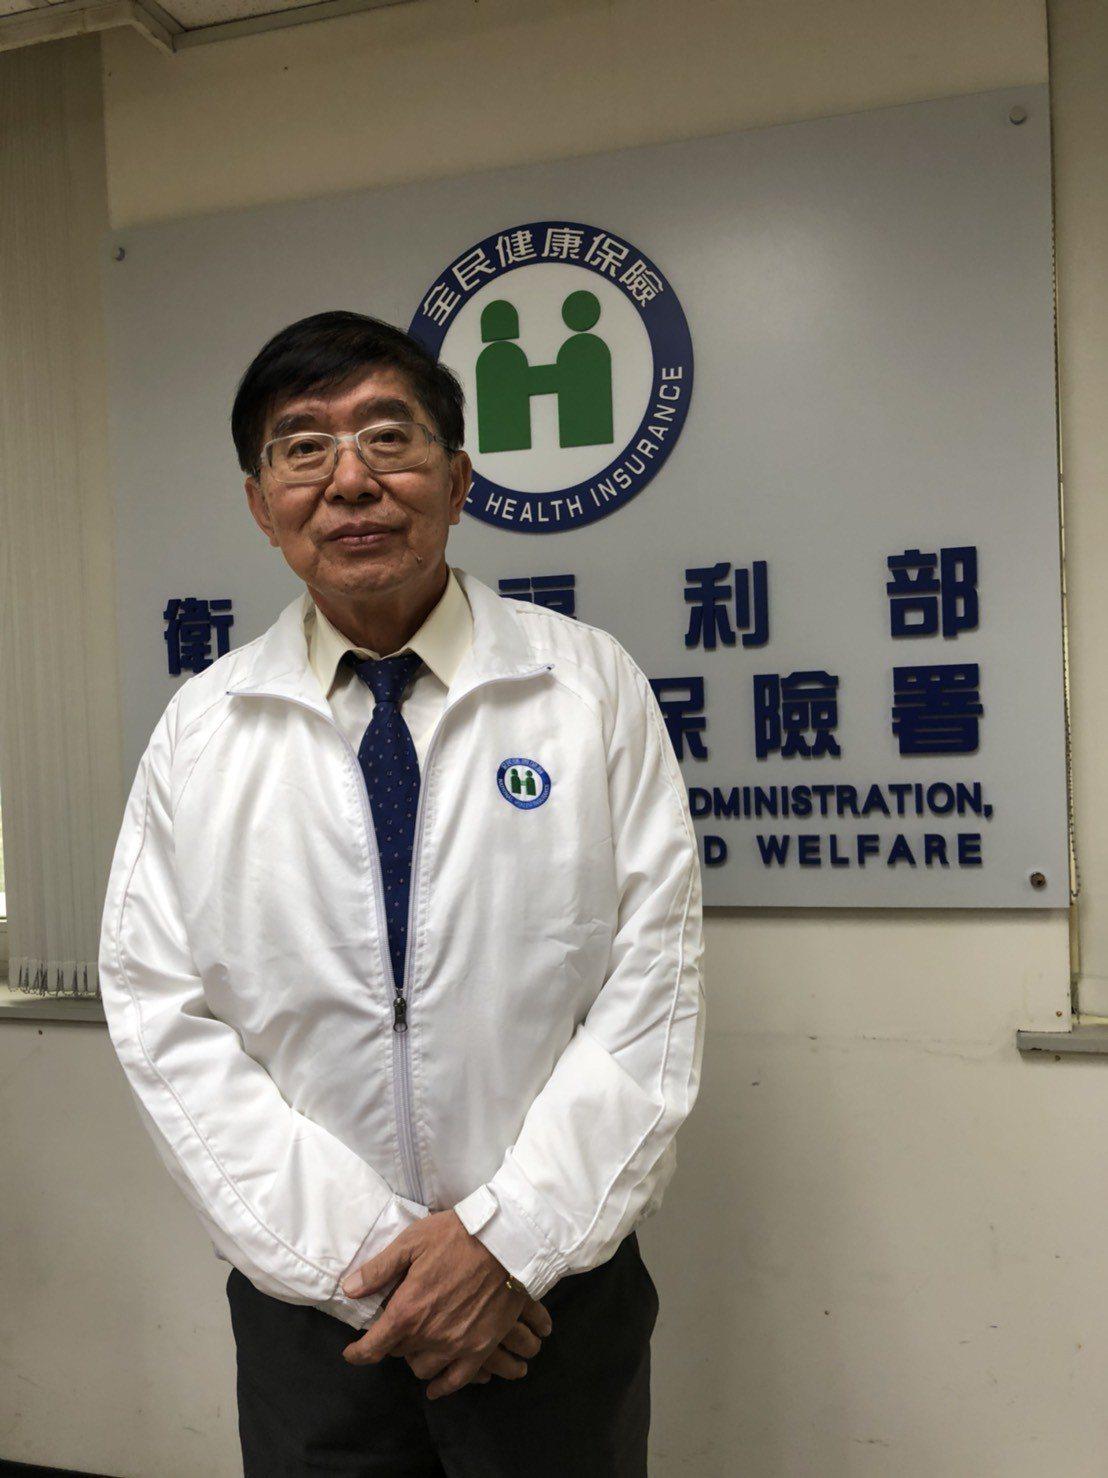 健保署長李伯璋宣布放寬肝癌標靶藥給付限制。 圖/聯合報系資料照片